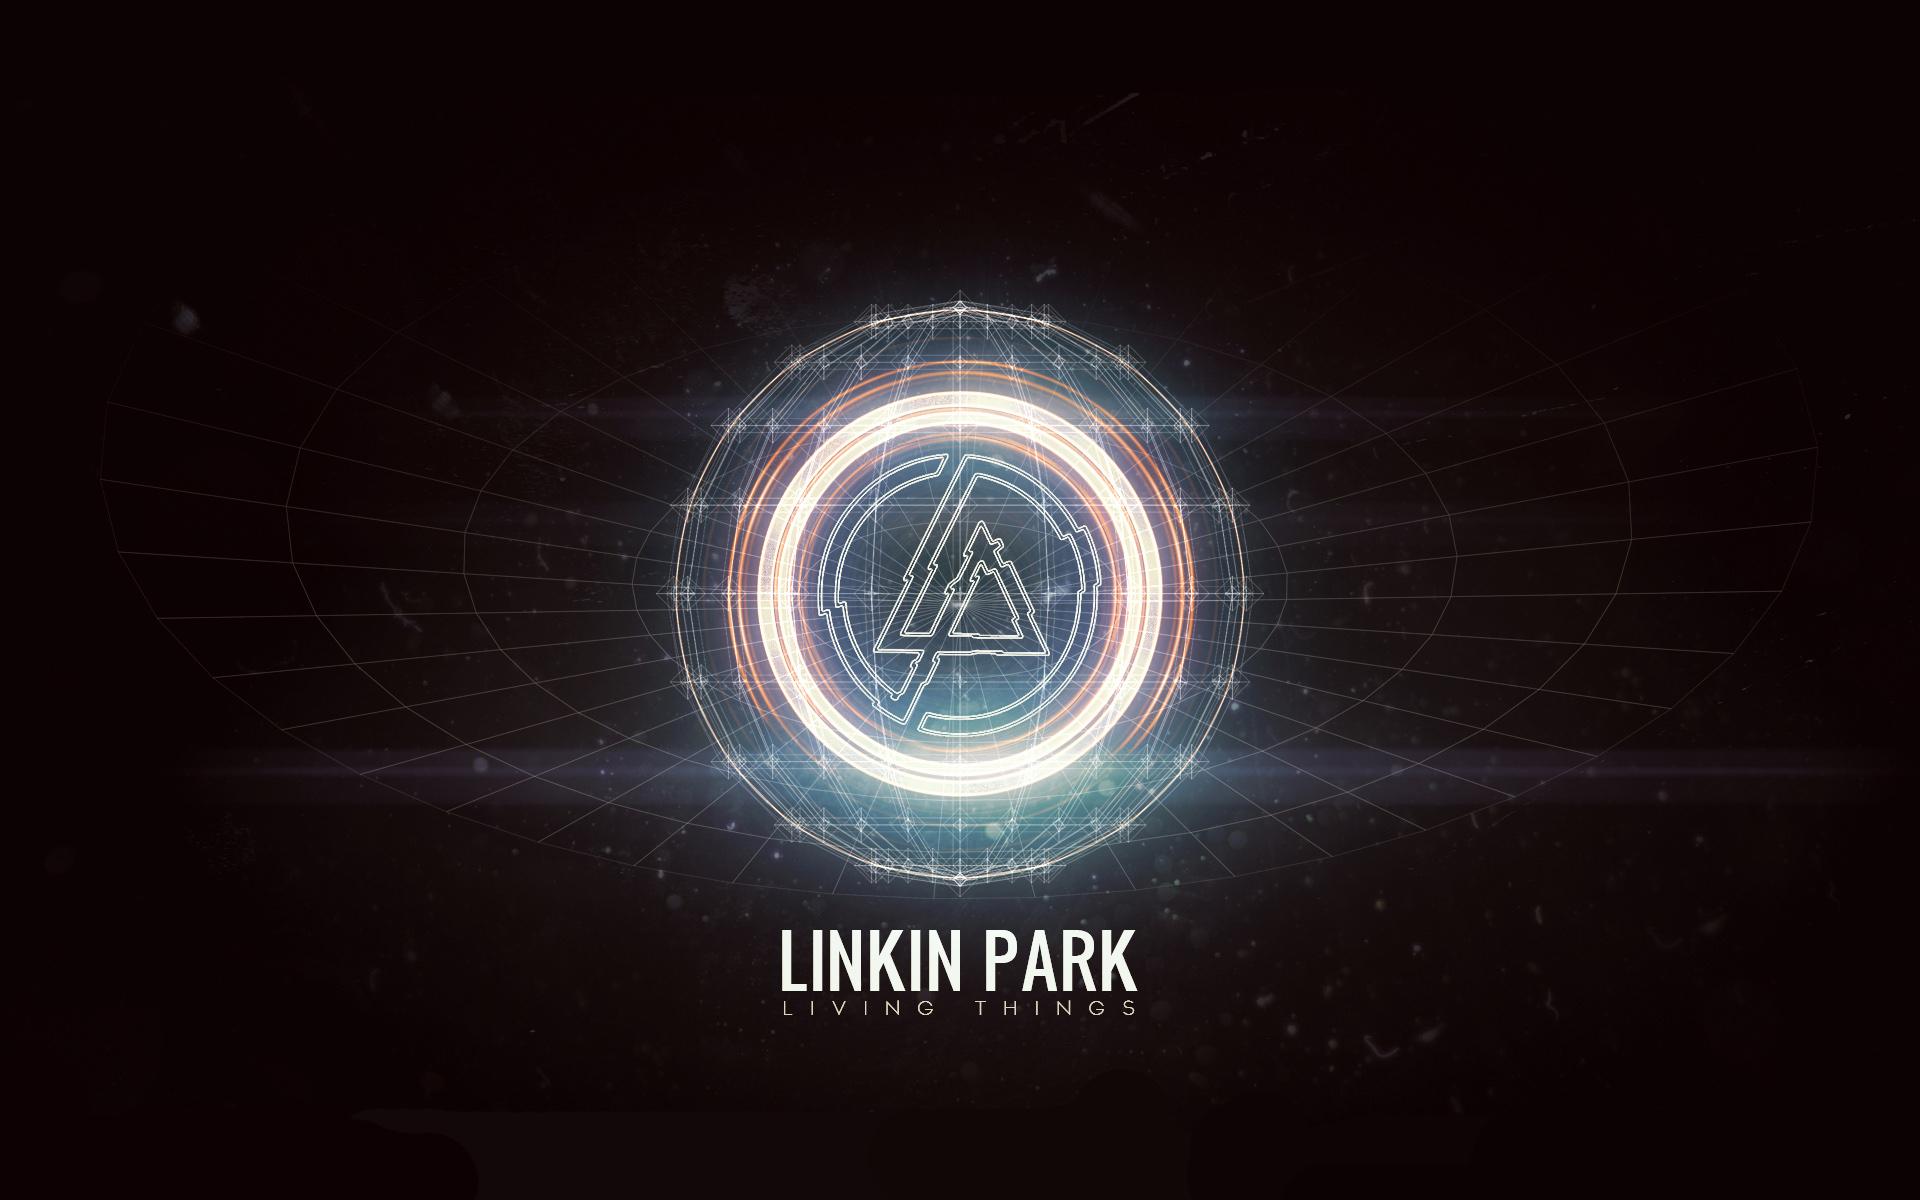 Wallpaper iphone linkin park - Linkin Park Widescreen Wallpaper